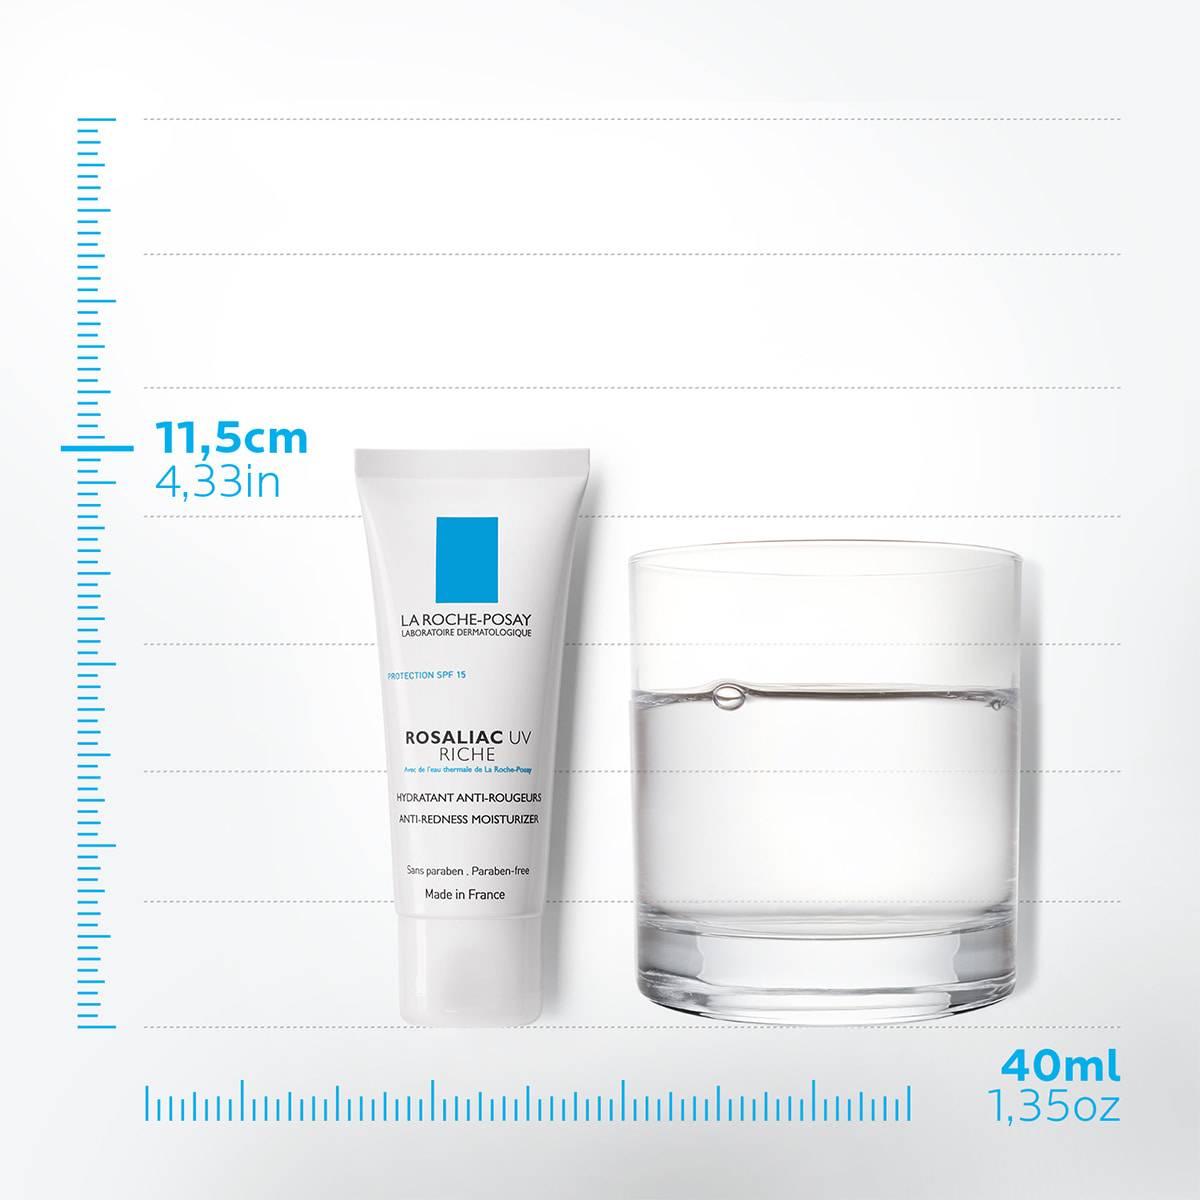 La Roche Posay ProduktSide Ansiktspleie Rosaliac UV Rich Spf15 40ml 33378